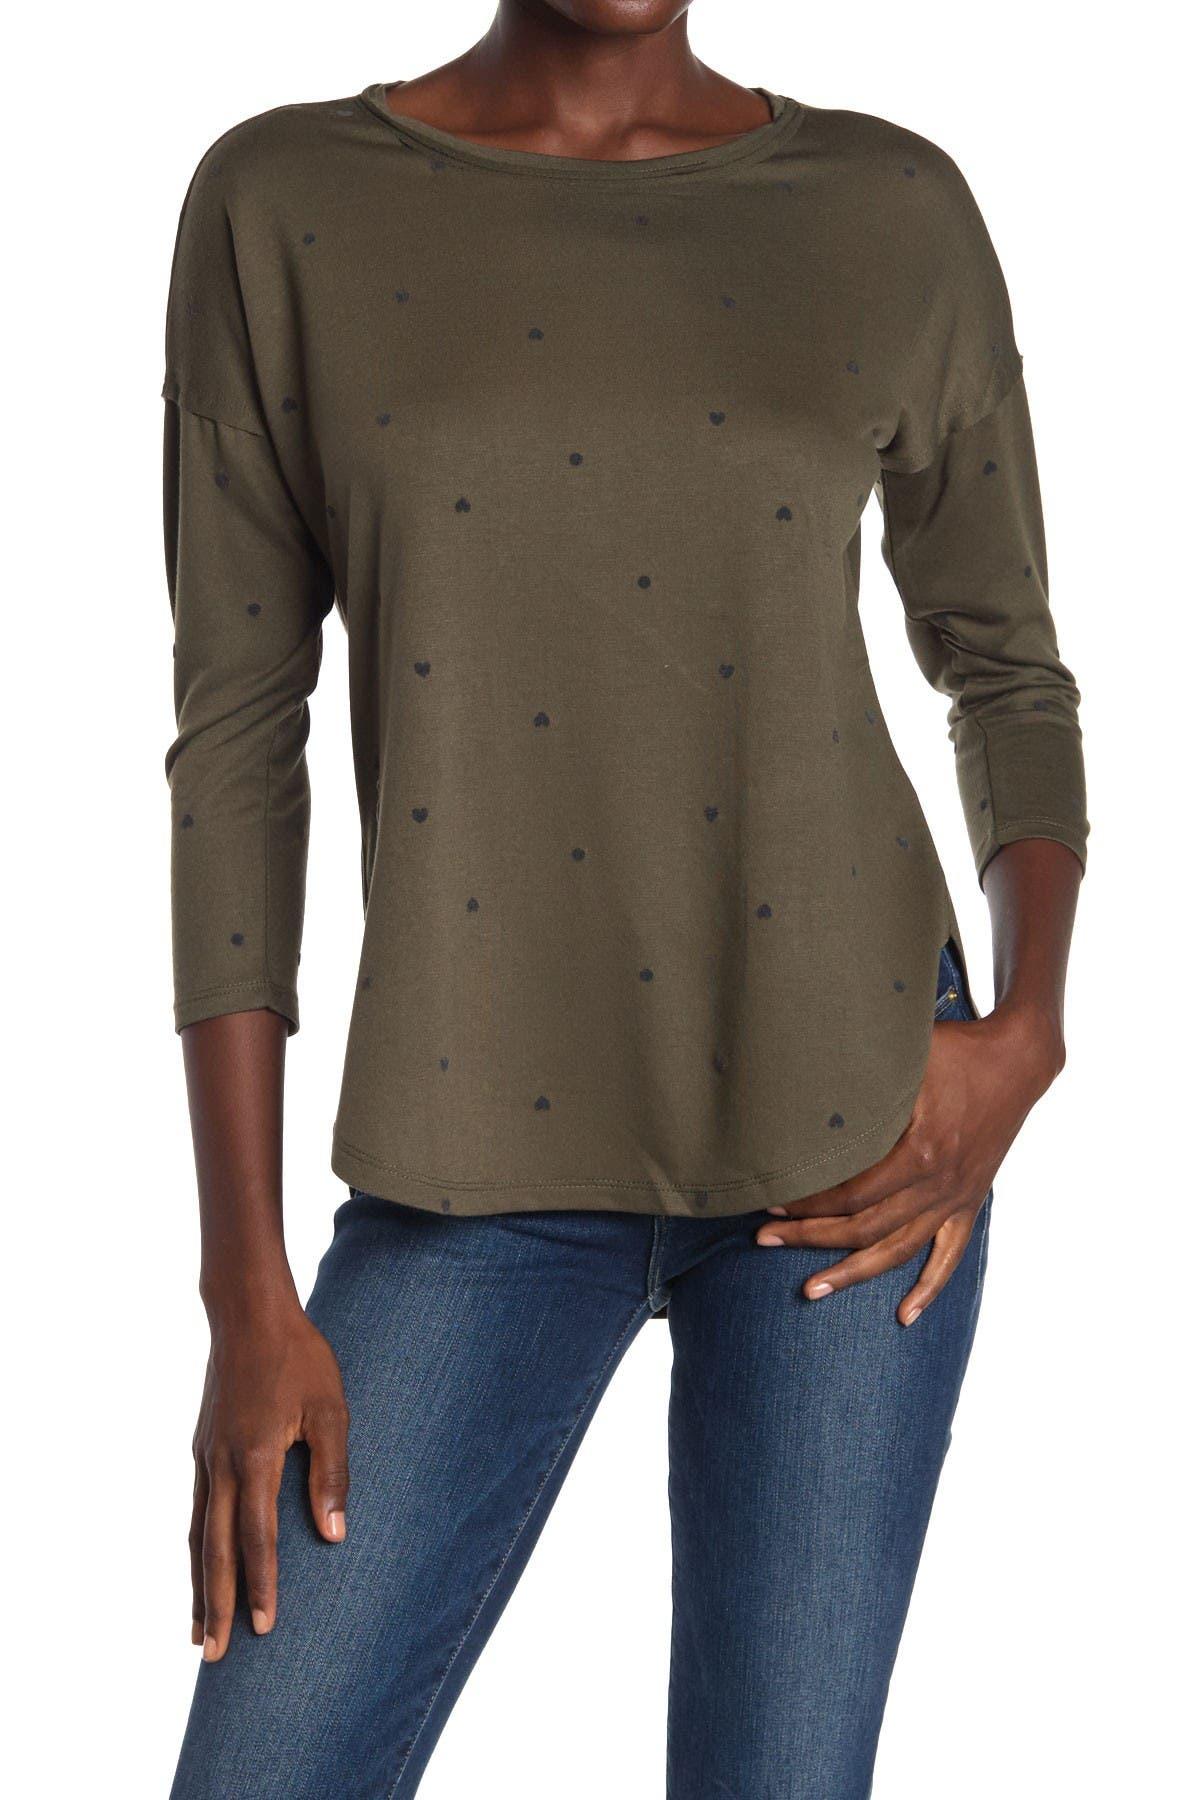 Image of Bobeau Flocked 3/4 Length Sleeve Tunic